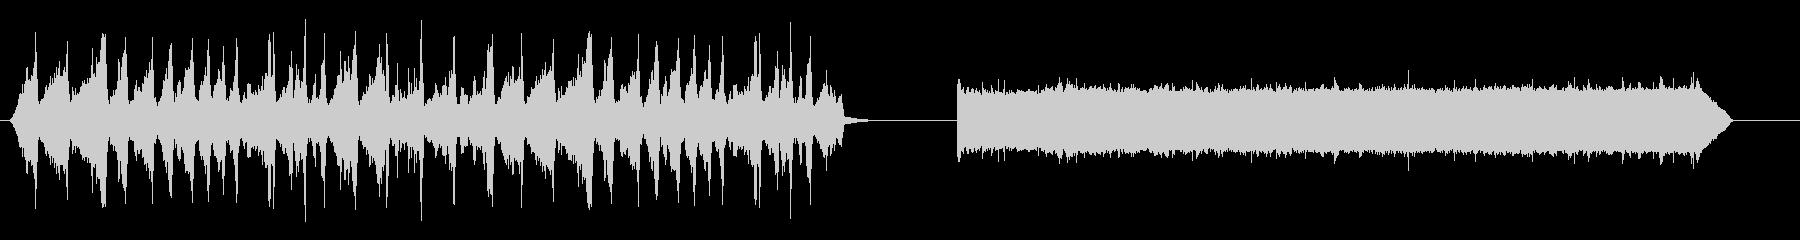 電気ヤコブの梯子_電気ハム、バズ、アーチの未再生の波形